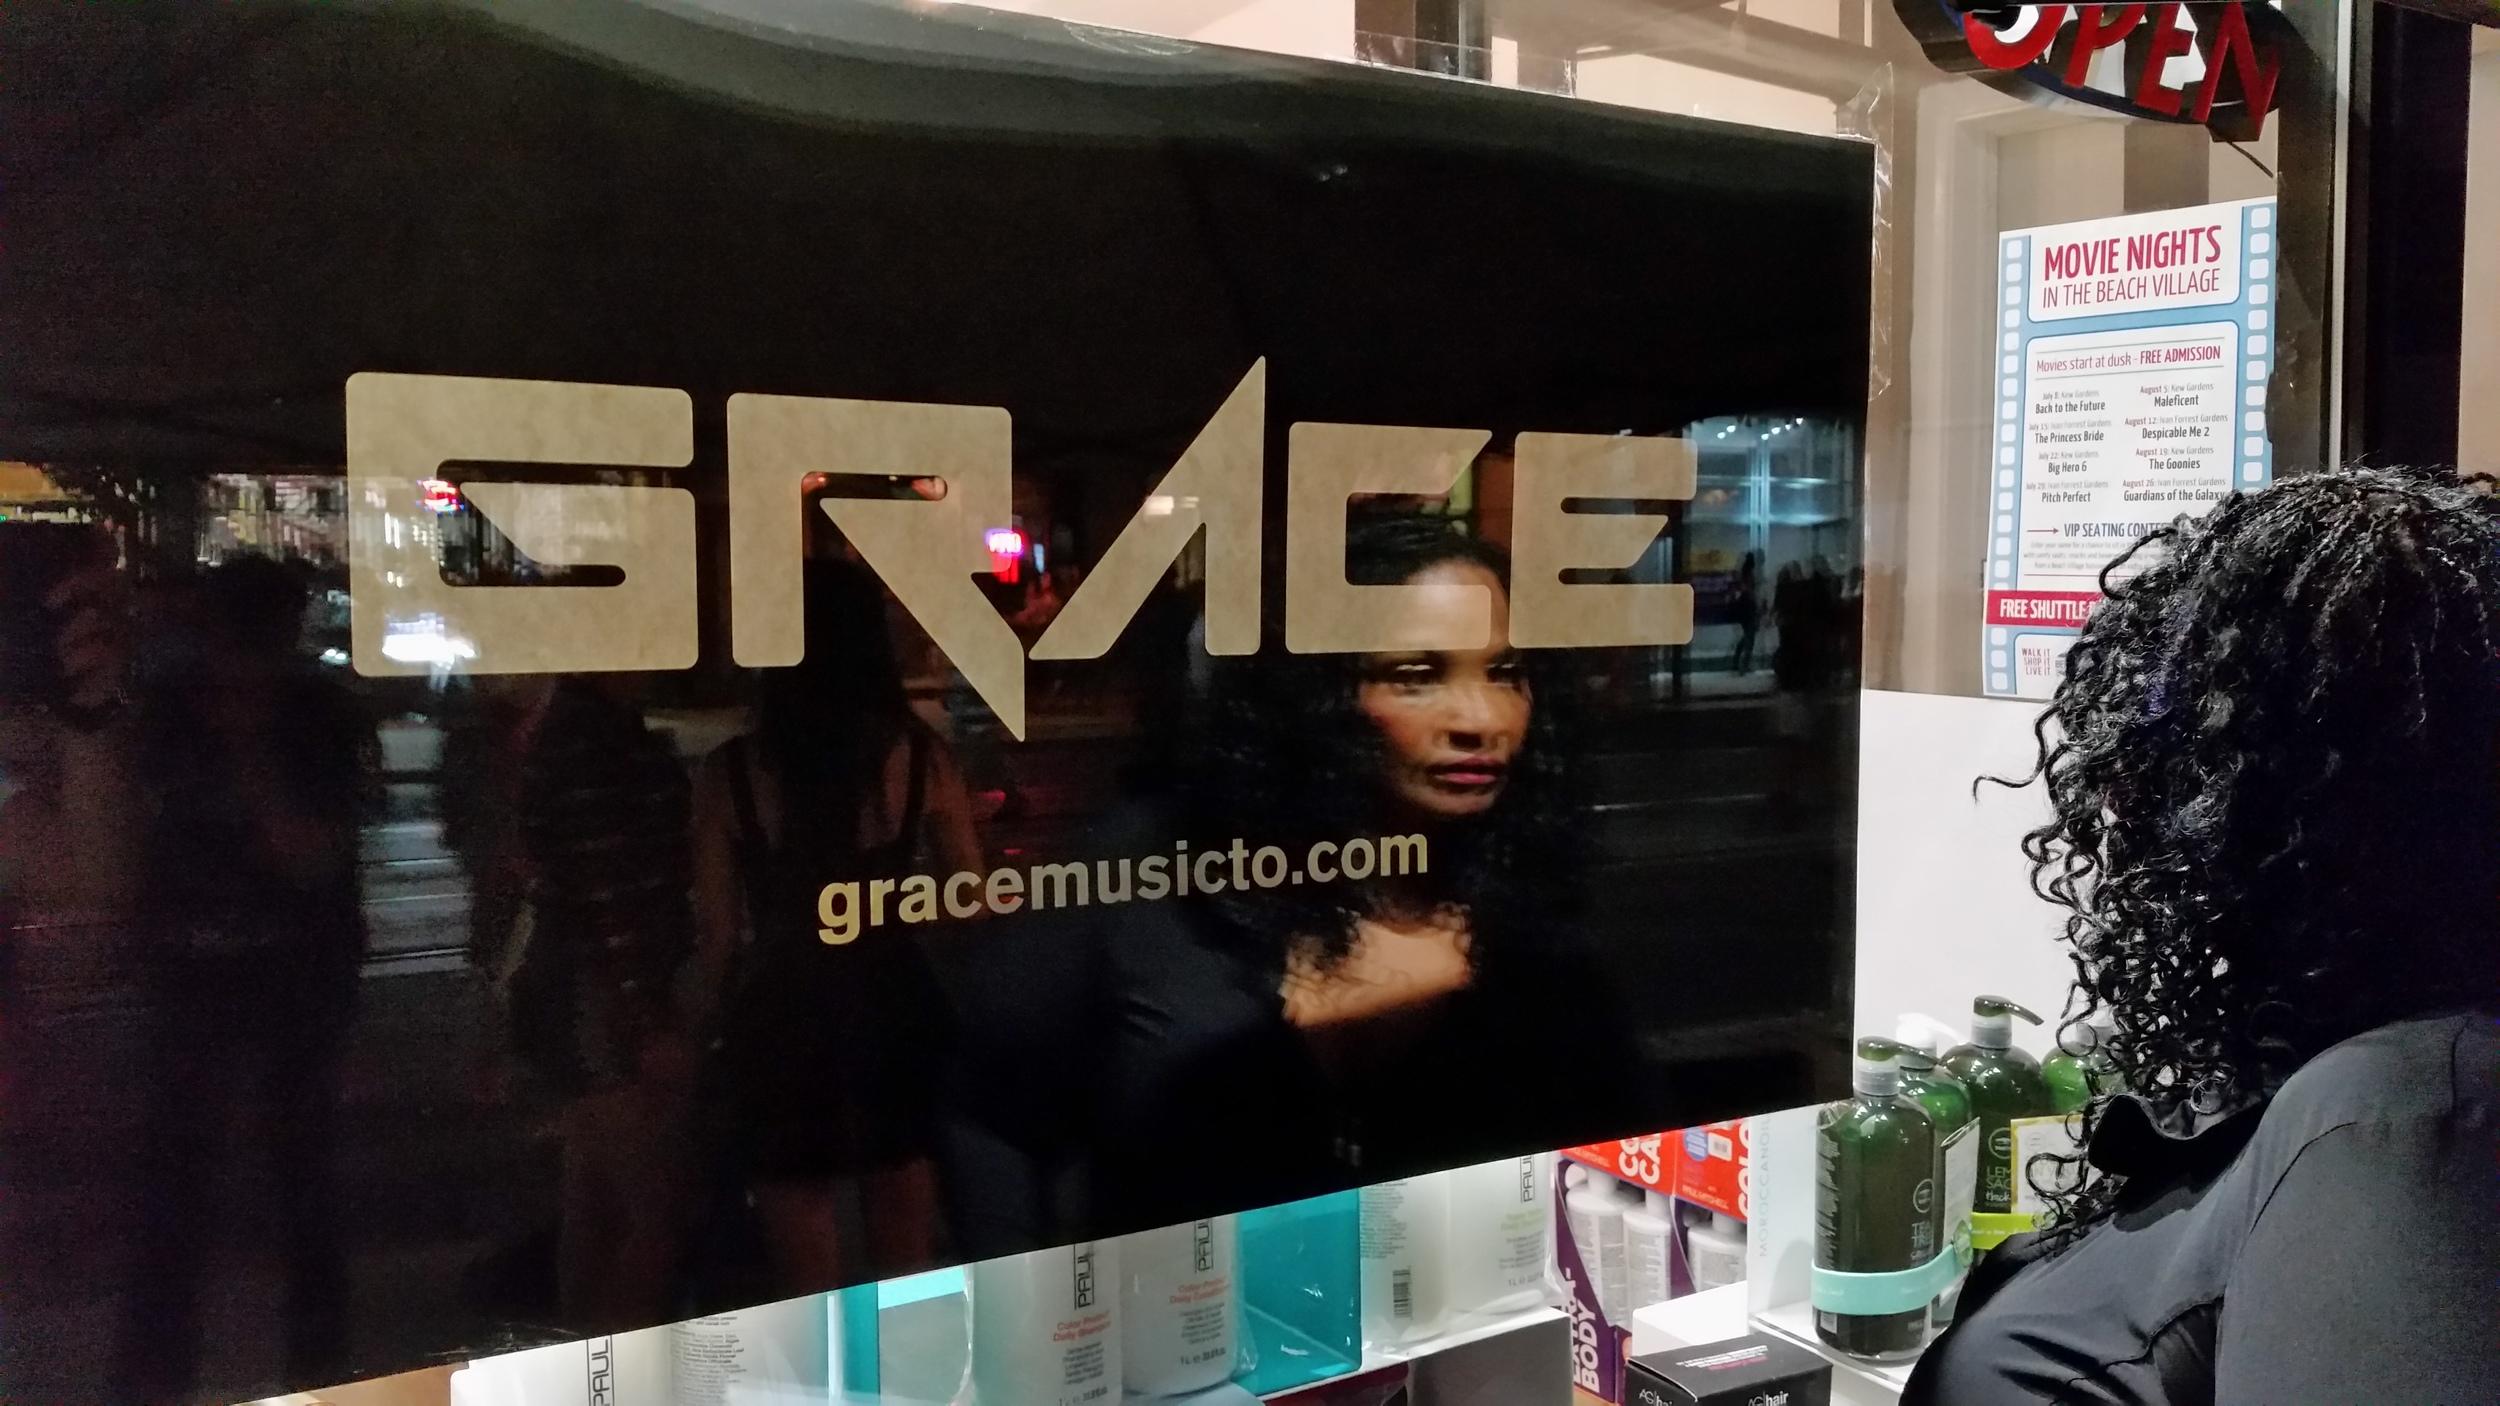 Grace out....